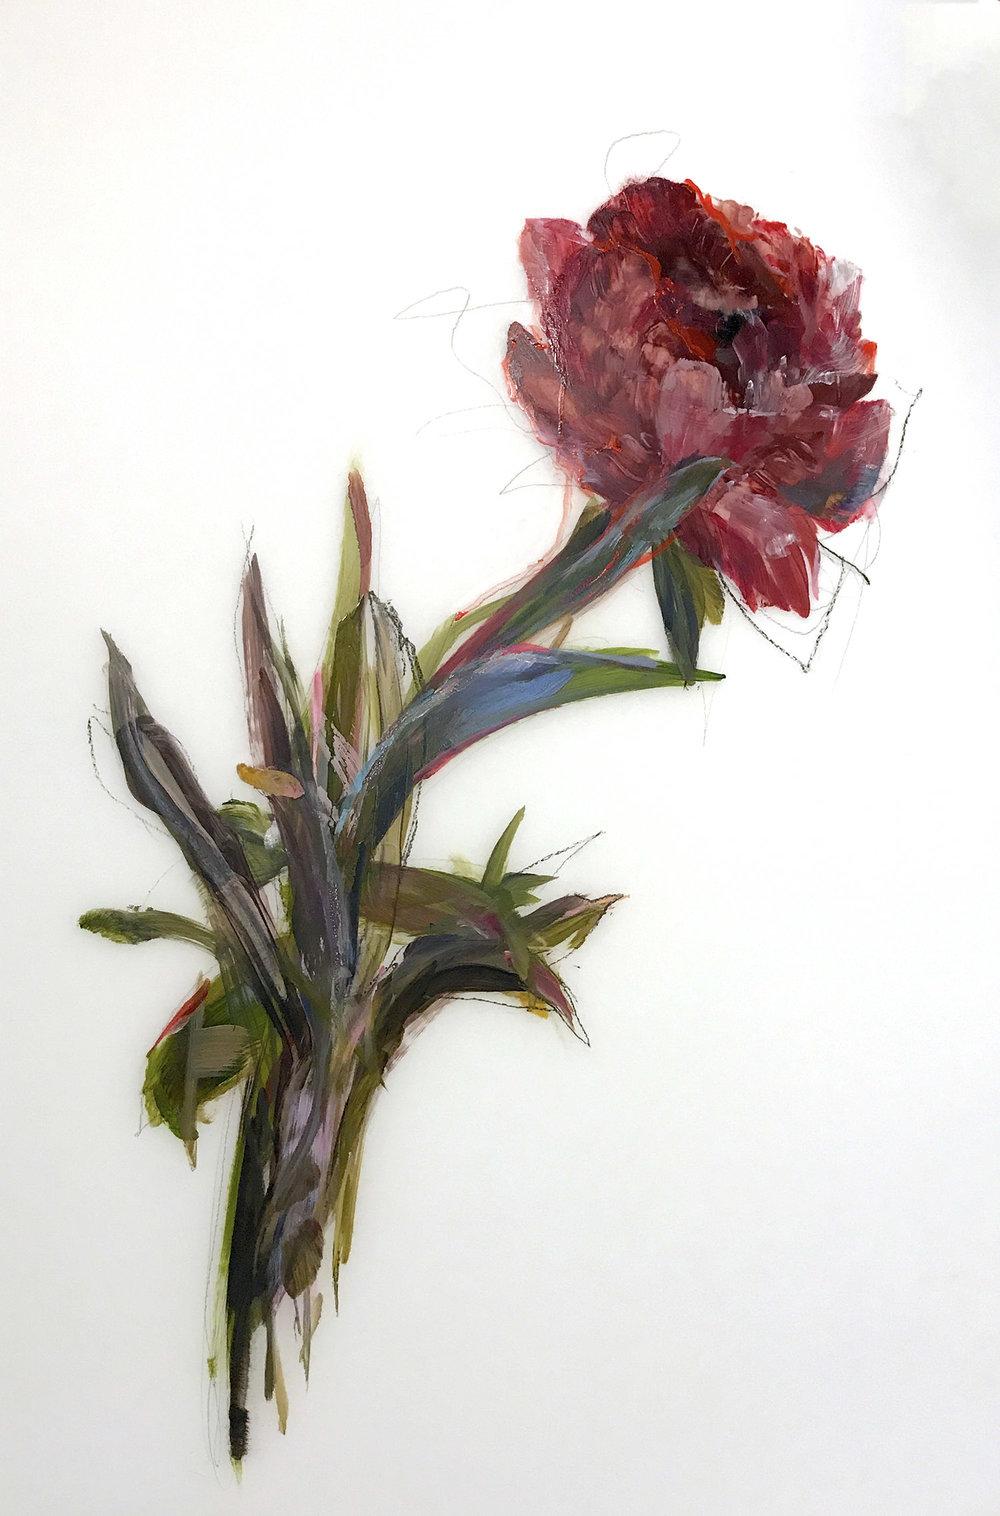 Madeleine Lamont, Dark Pink Bloom, oil on mylar, 35 x 24 in.